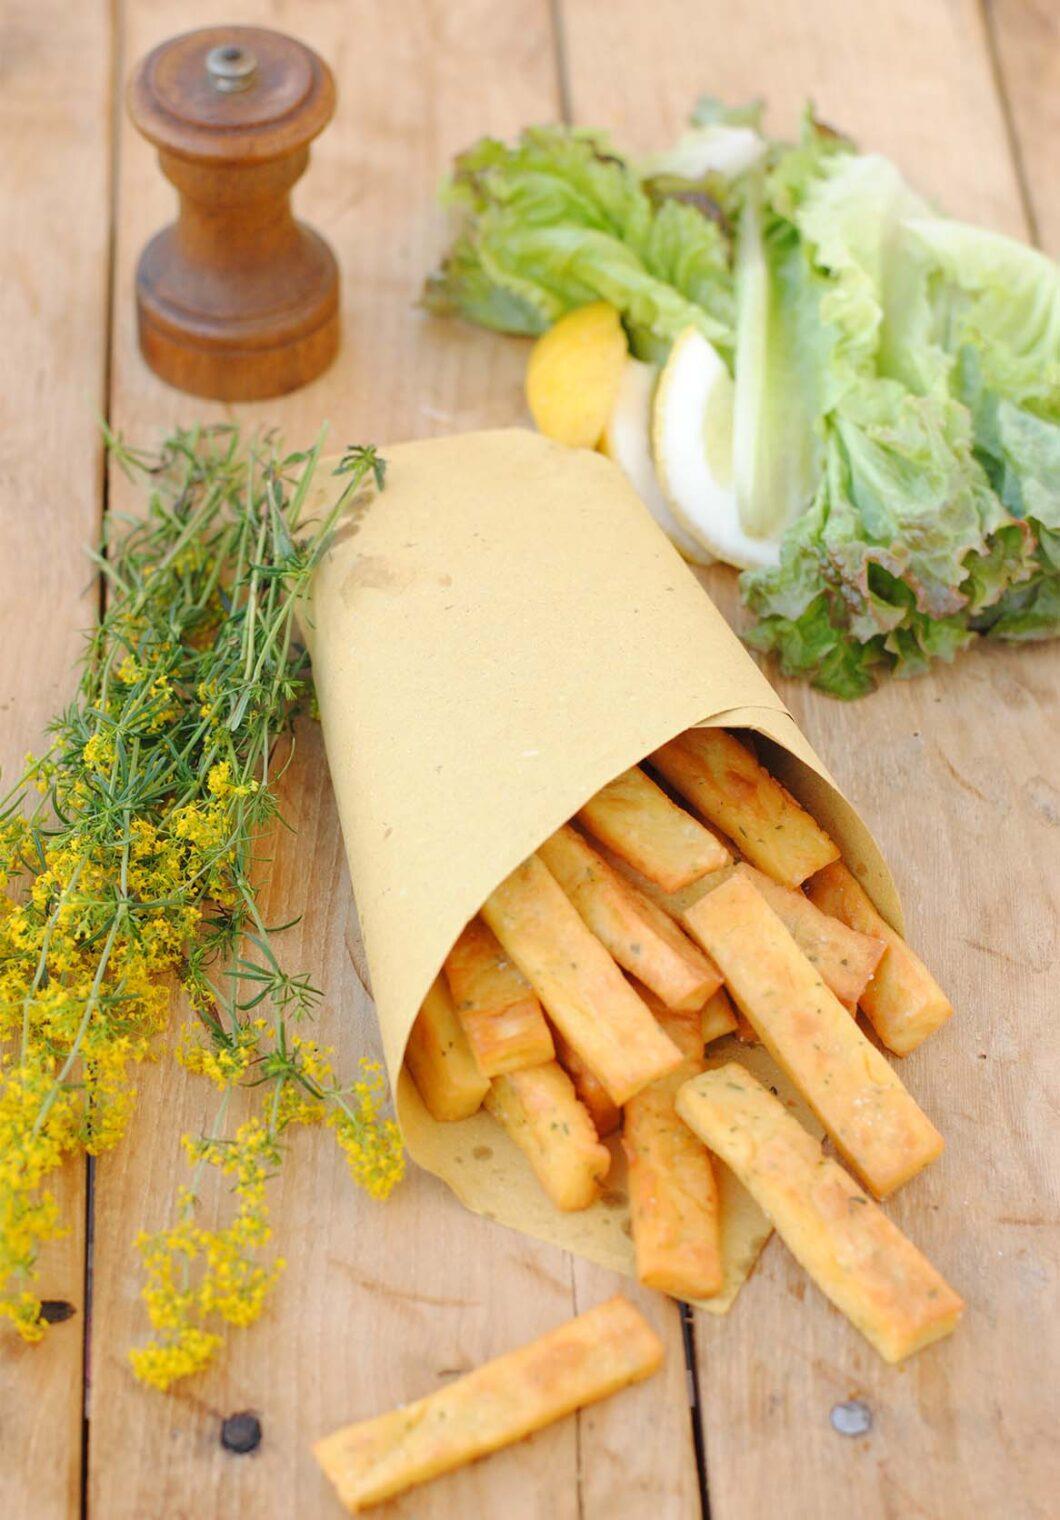 questa immagine rappresenta patatine di panissa al forno ricetta di pasticciandoconlafranca